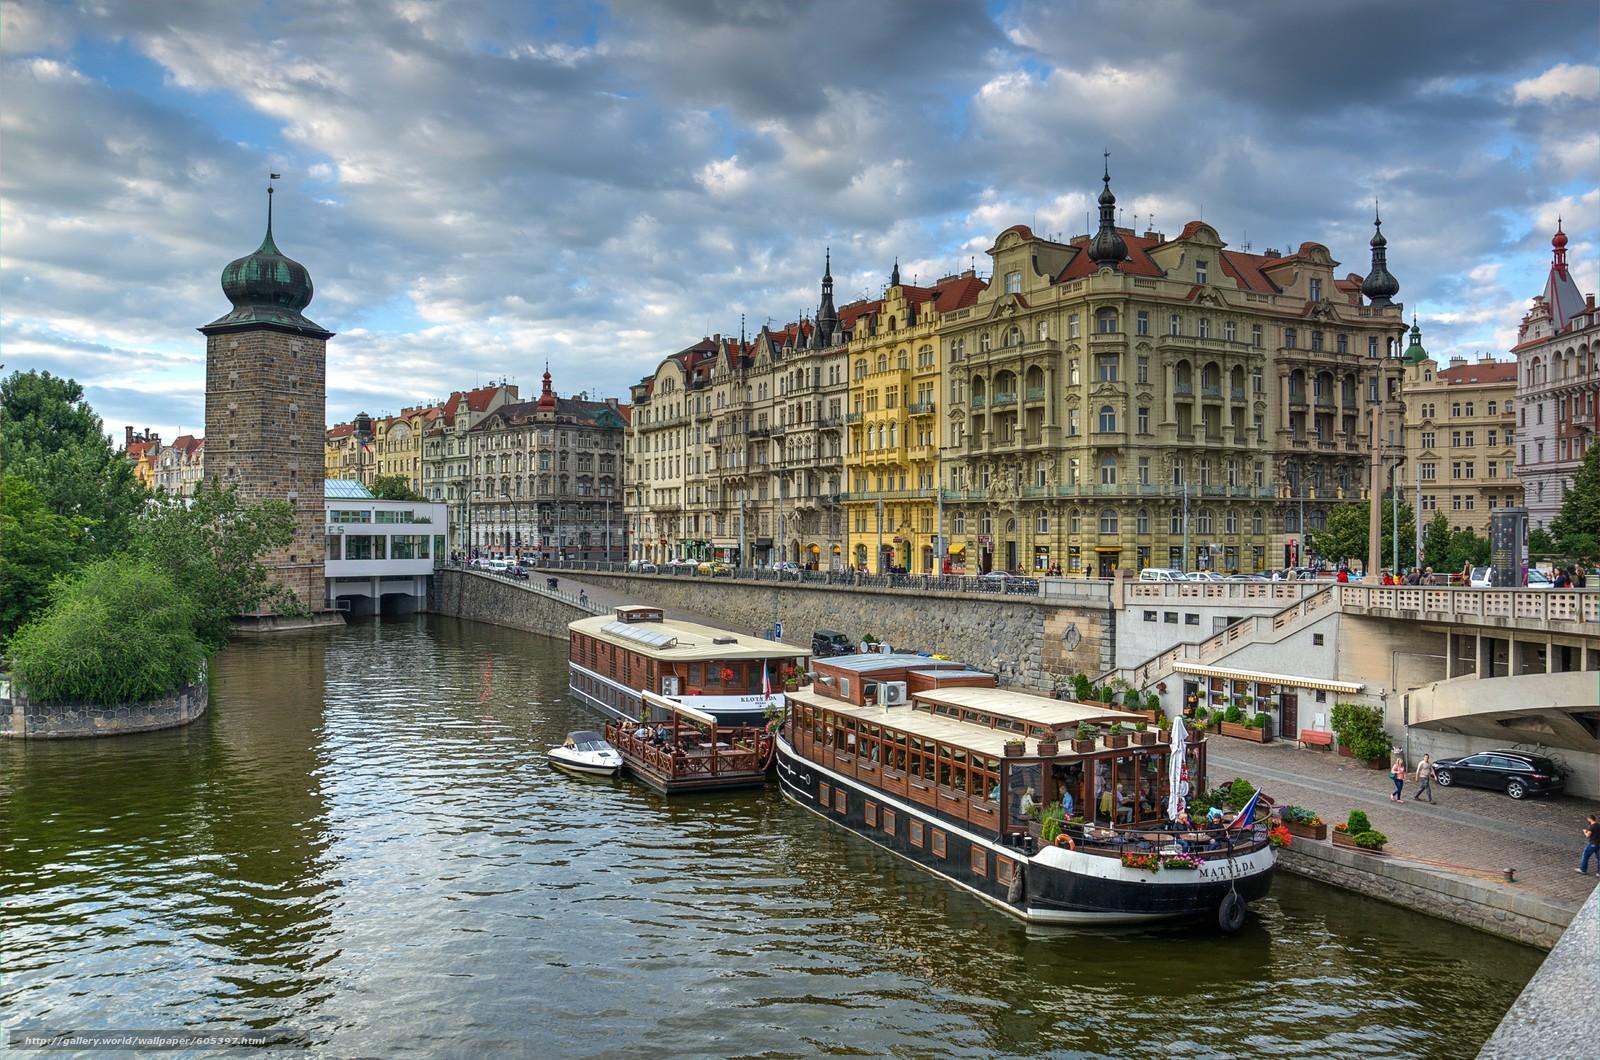 下载壁纸 伏尔塔瓦河的银行,  布拉格,  桥,  Jiraskuv 免费为您的桌面分辨率的壁纸 4931x3267 — 图片 №605397